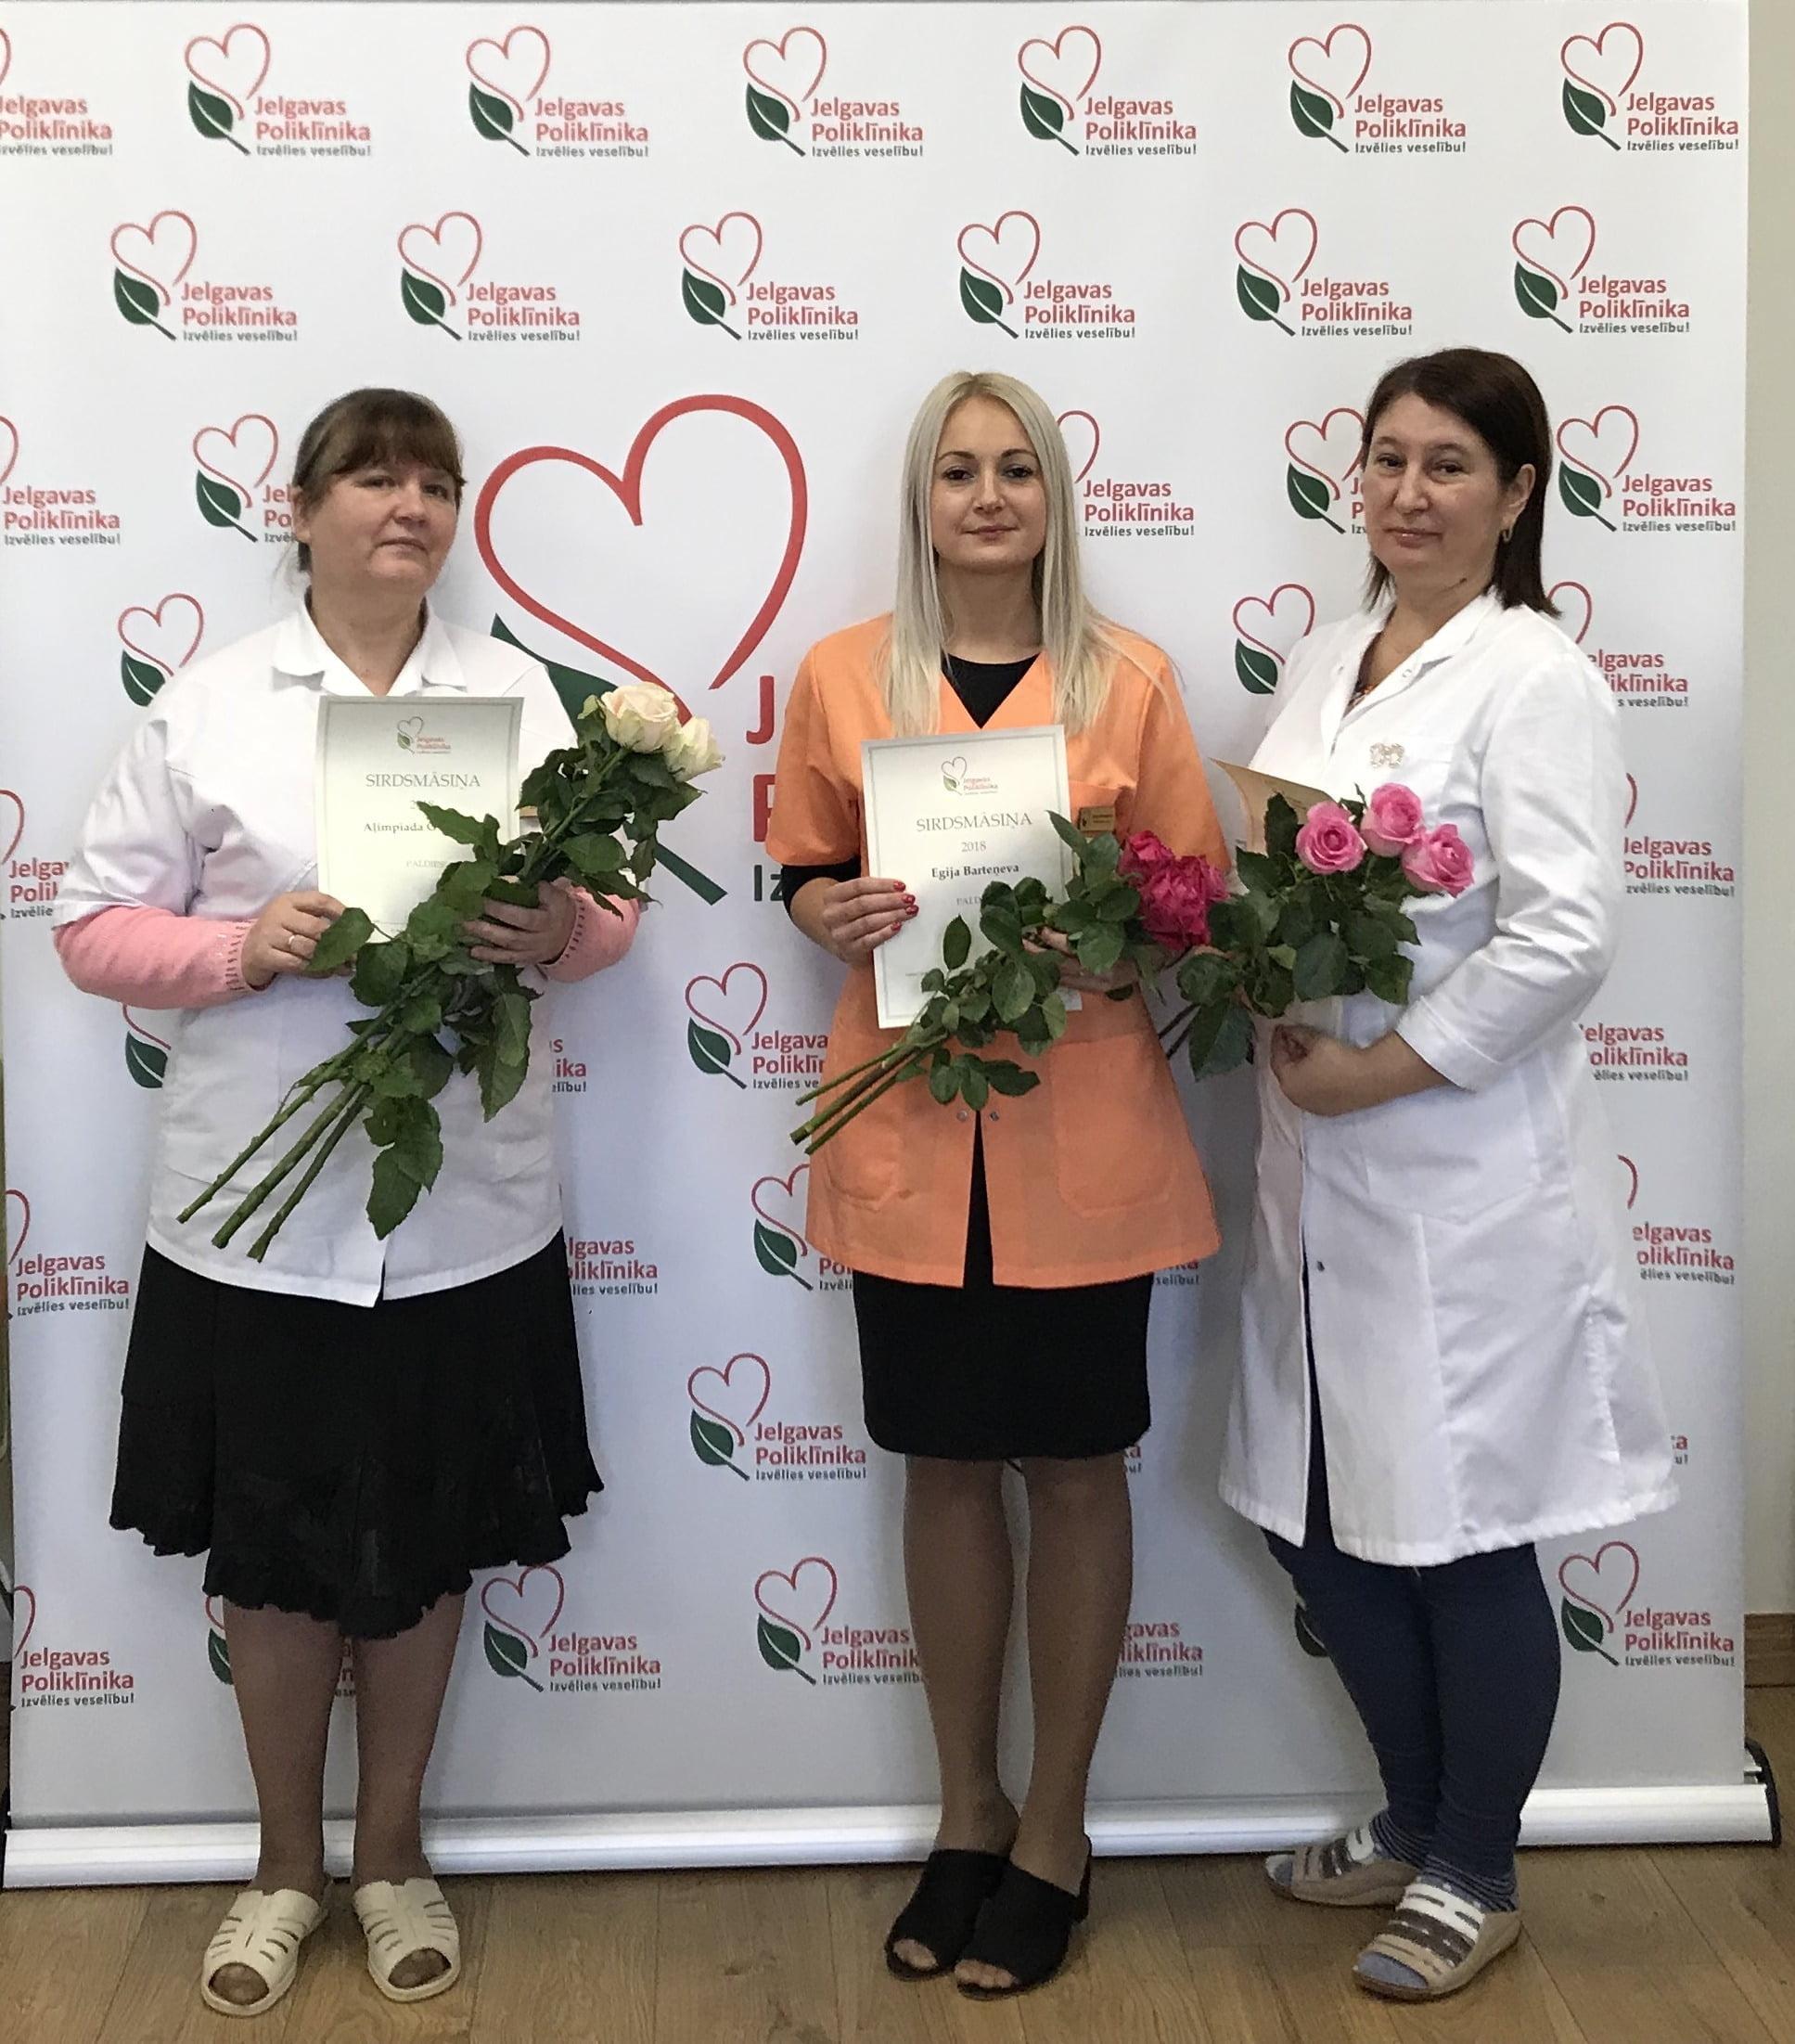 Aļimpiada Gvozdova, Egija Barteņeva, Natālija Kirova Jelgavas poliklīnikas Sirdsmāsiņas